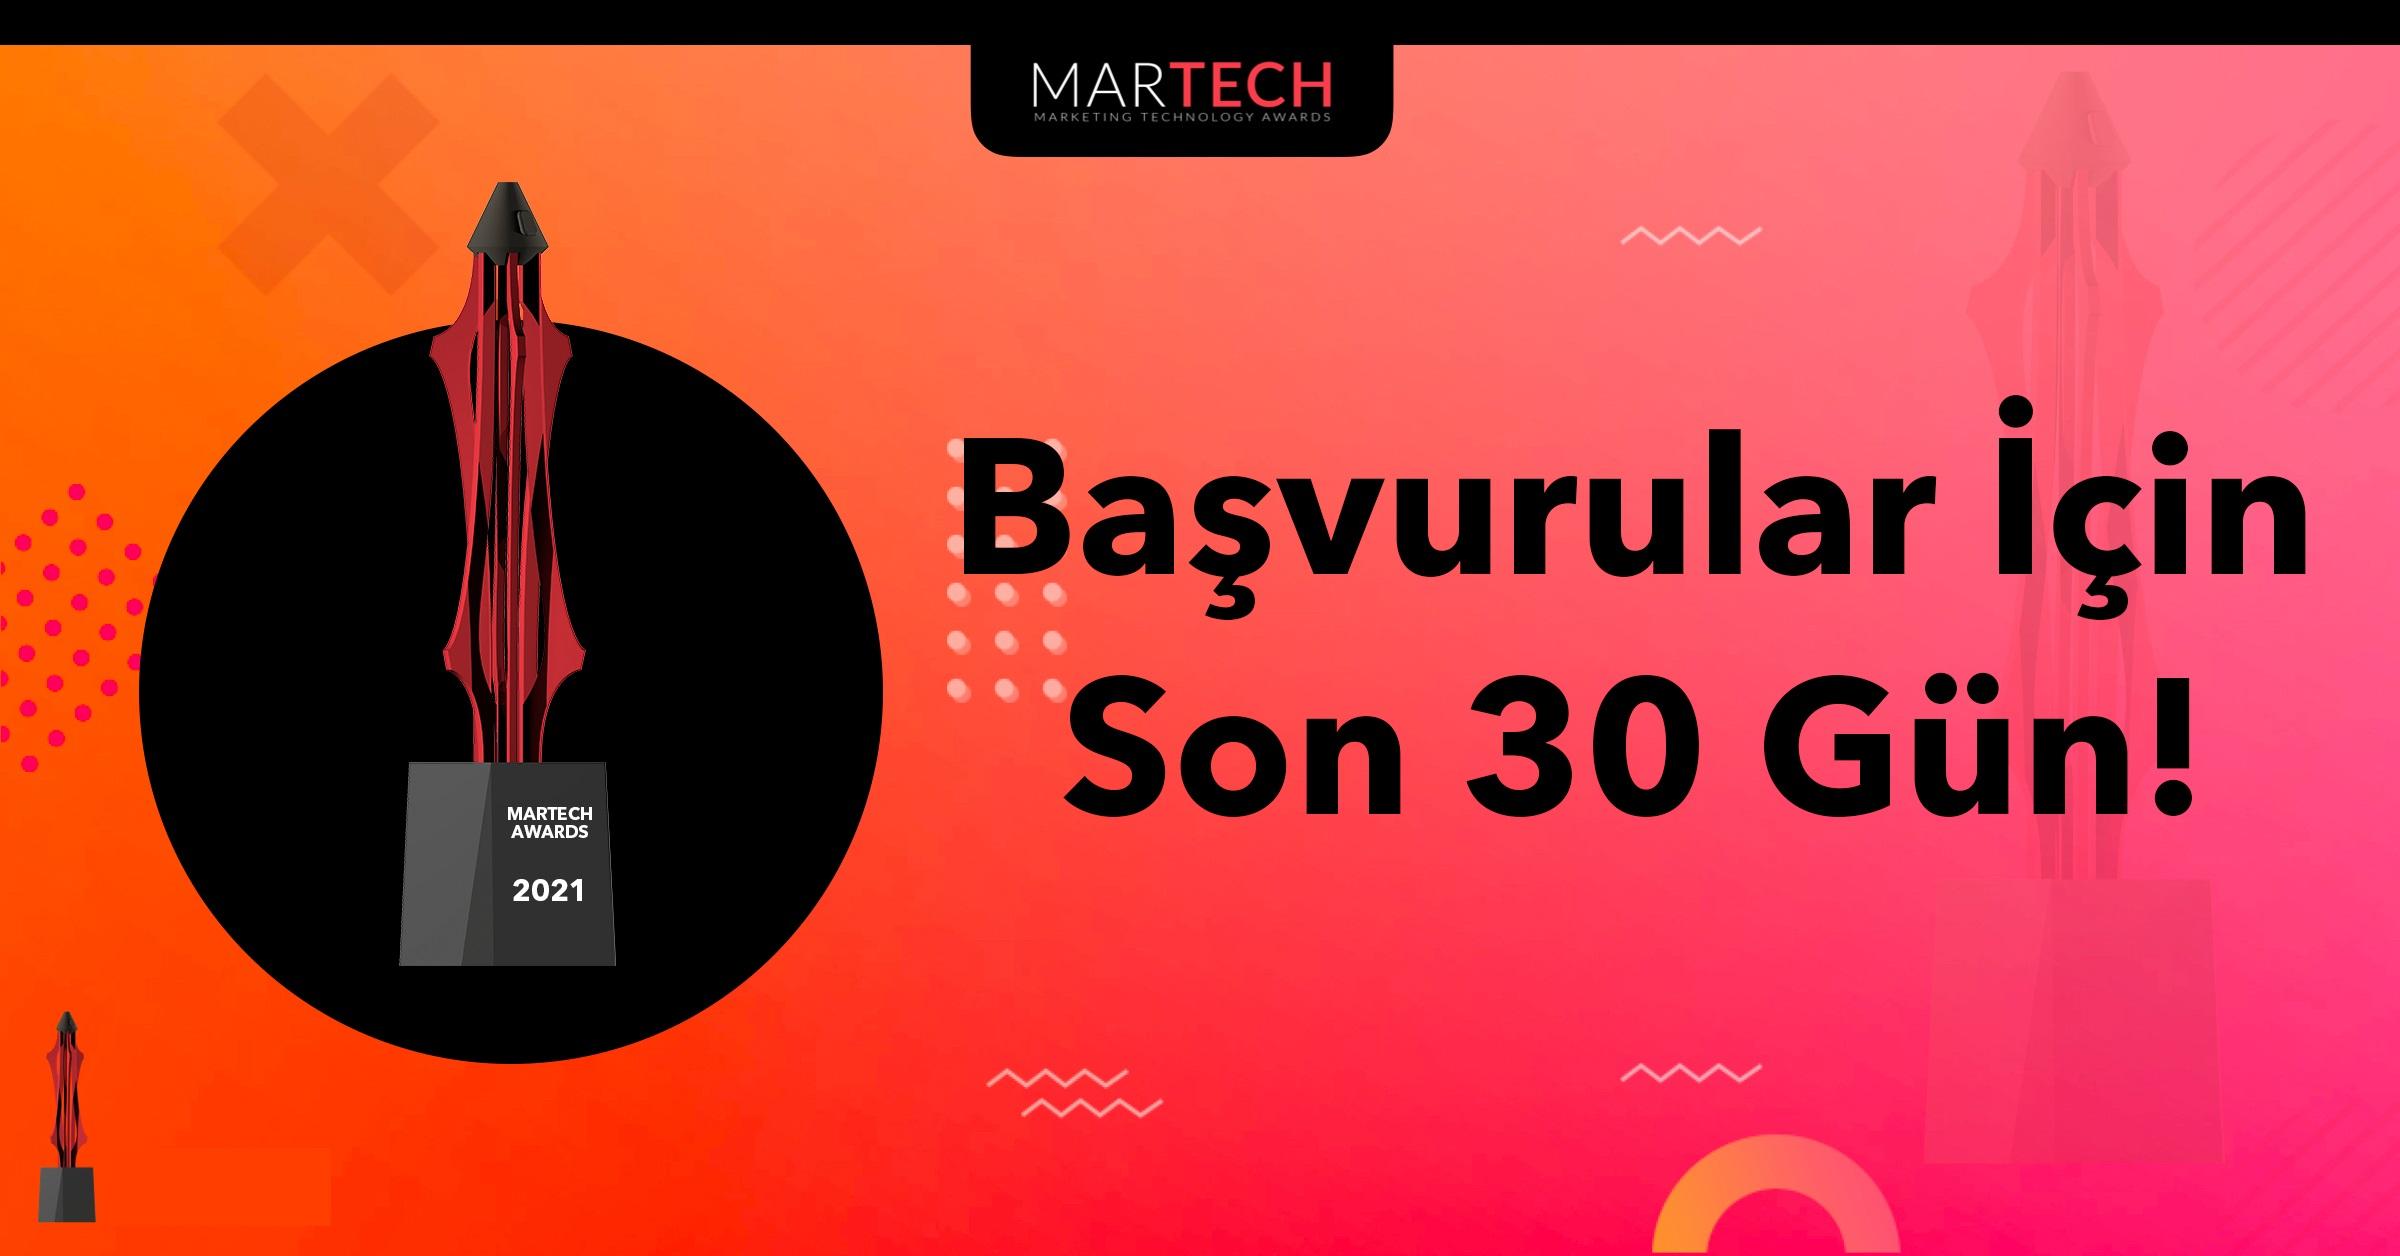 MarTech Awards Başvuruları İçin Son 30 Gün